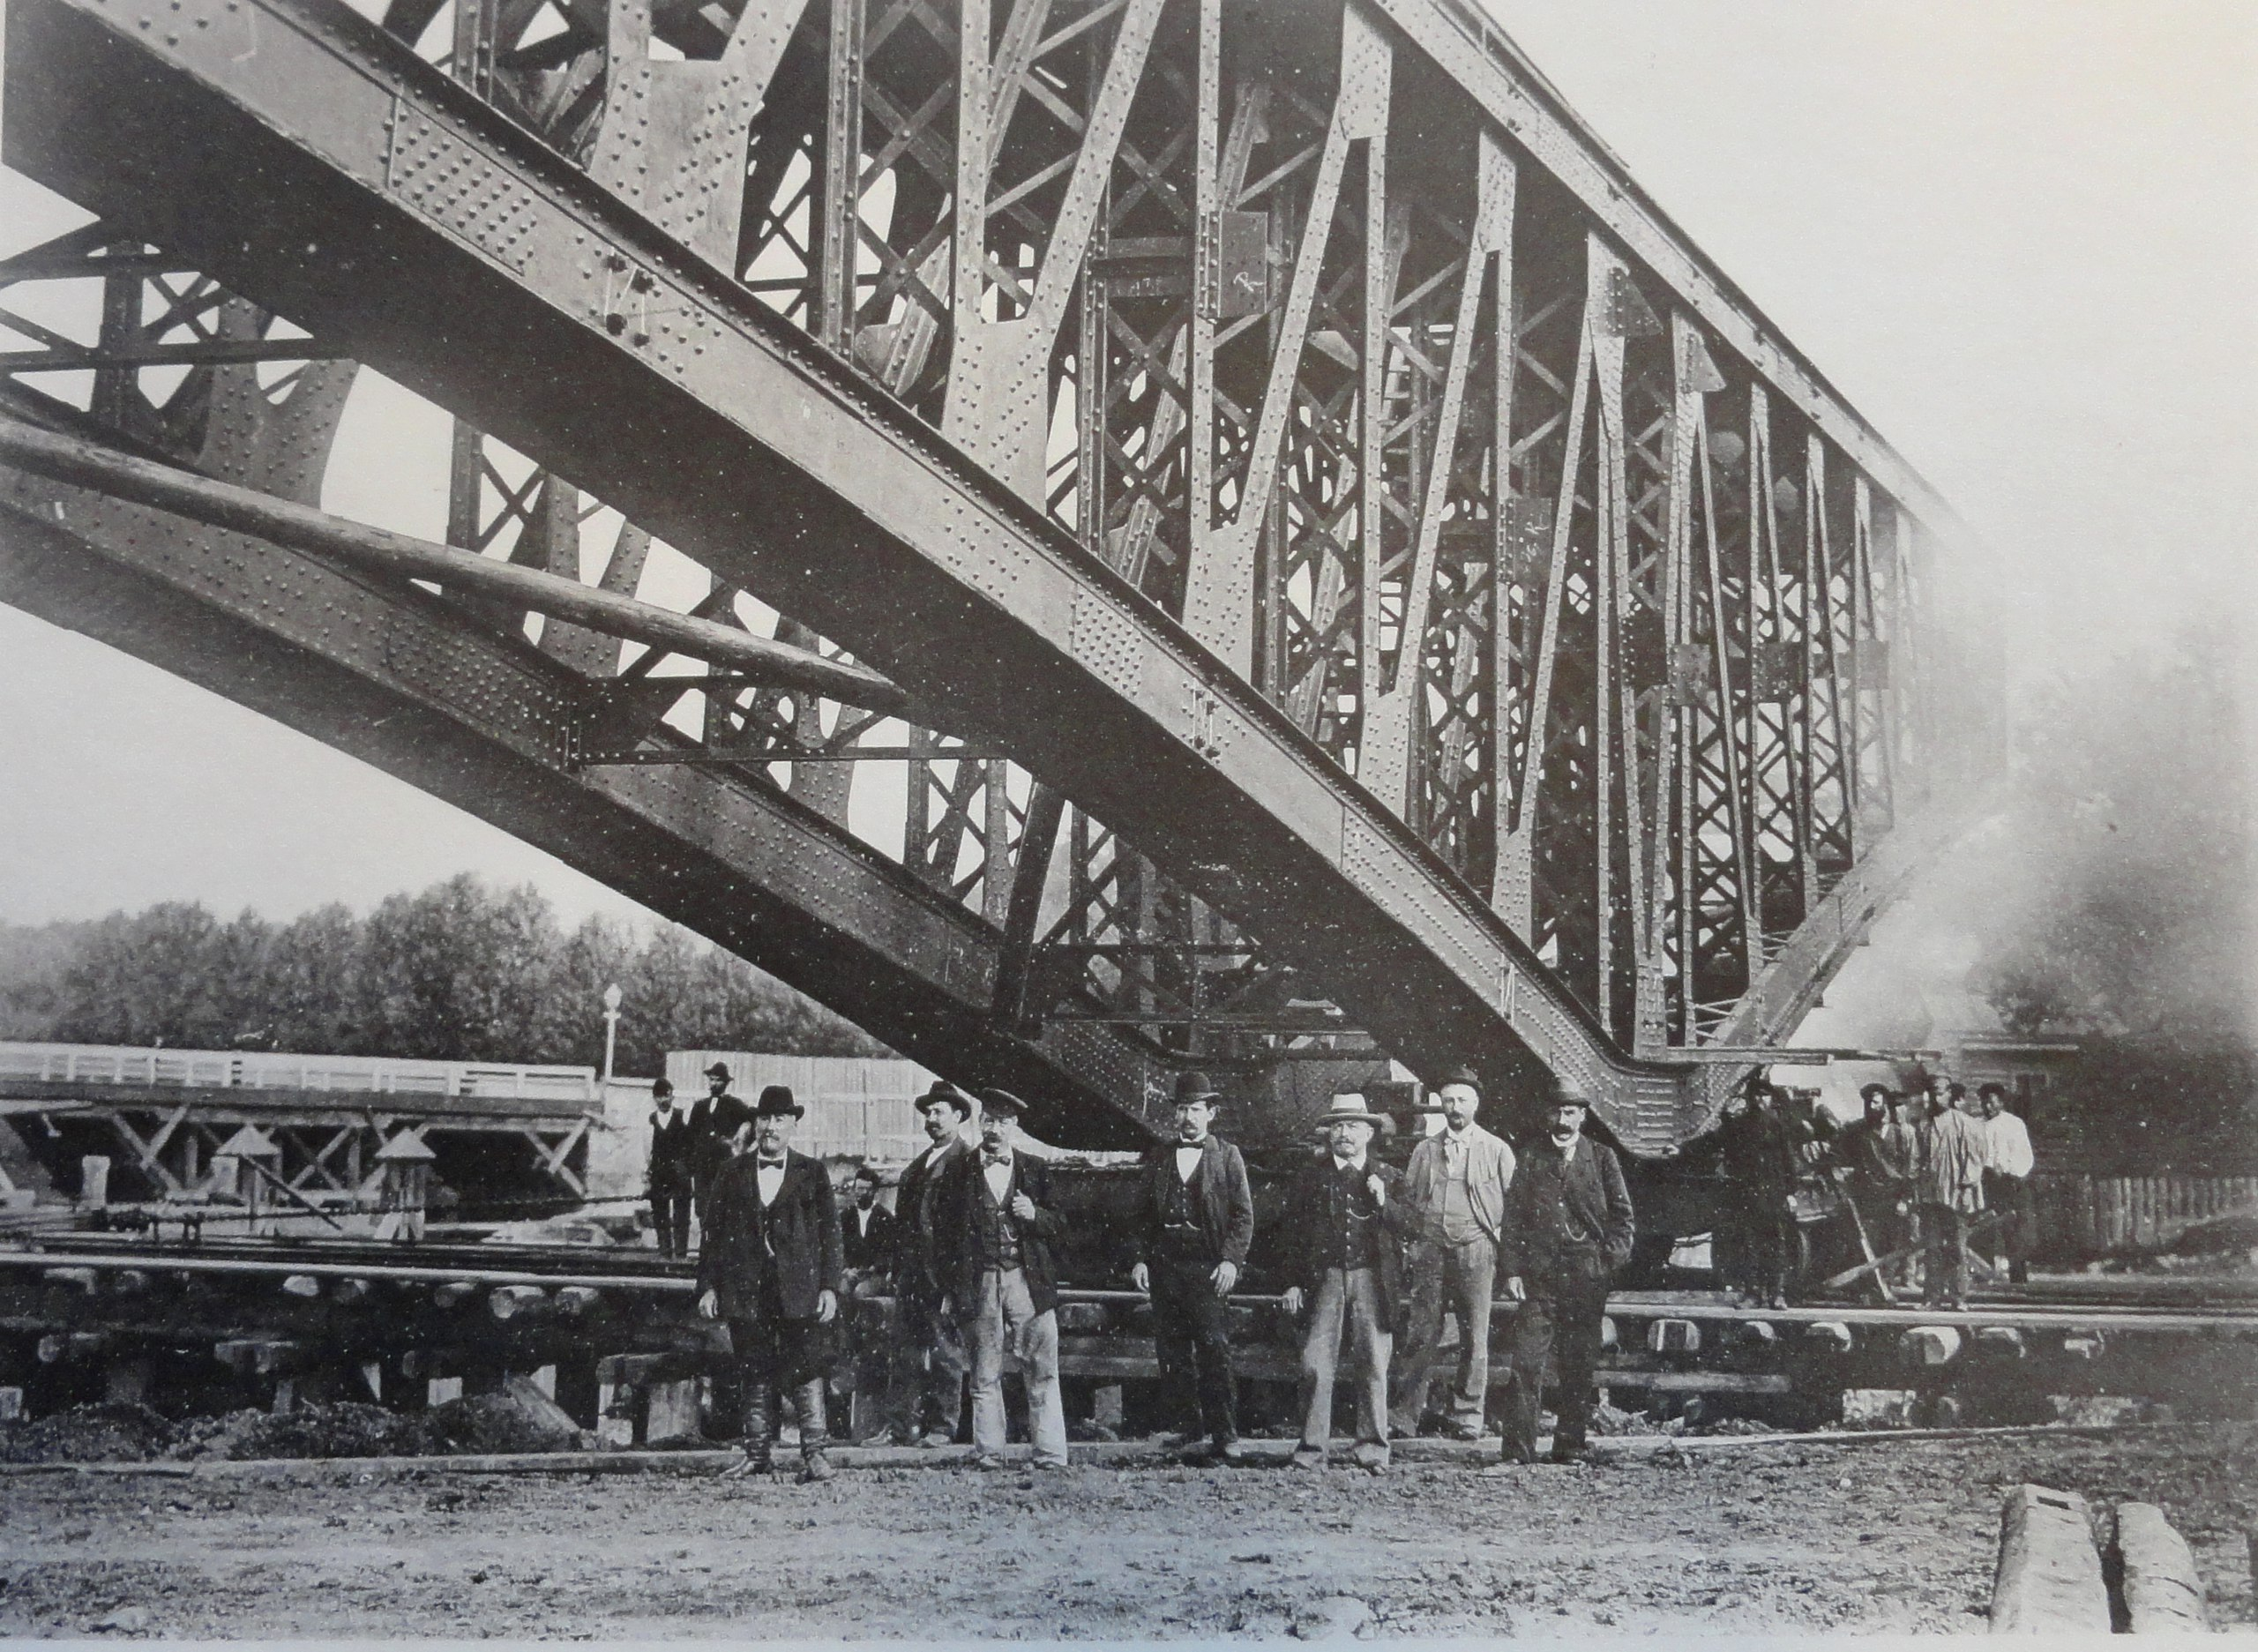 1901. Пара ферм левого крайнего пролета во время передвижения. Июль